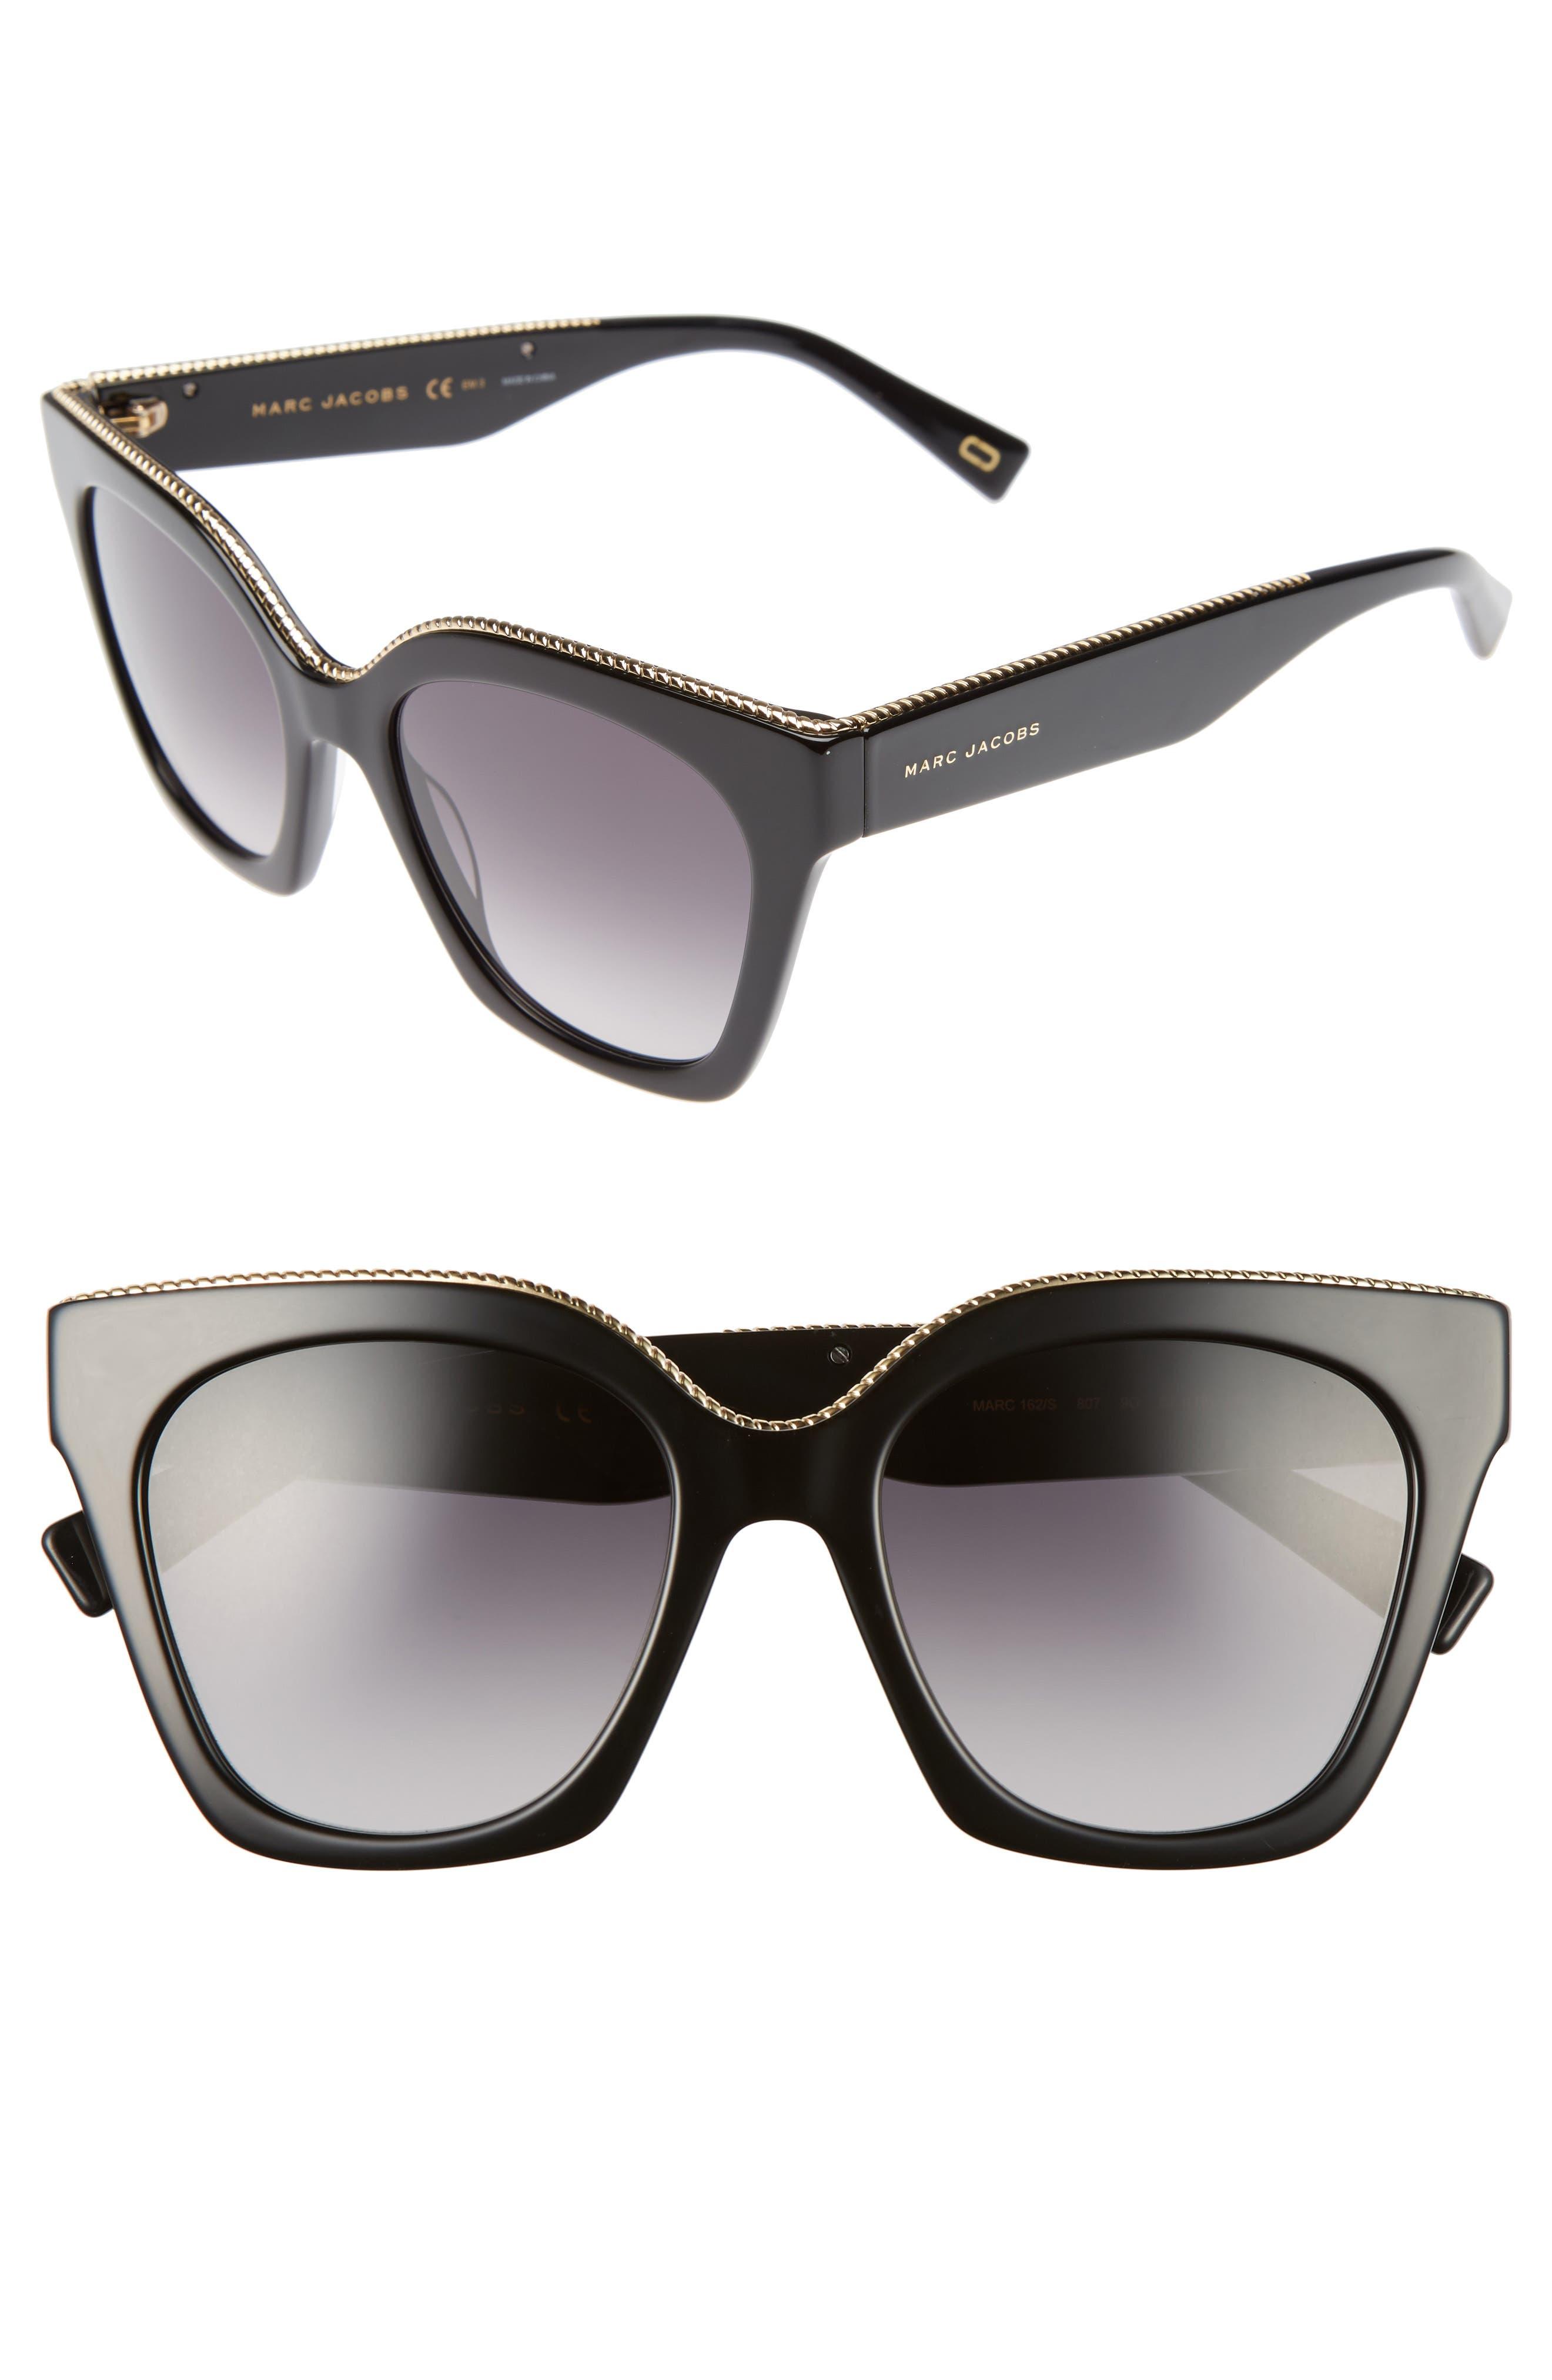 52mm Square Sunglasses,                         Main,                         color, 001